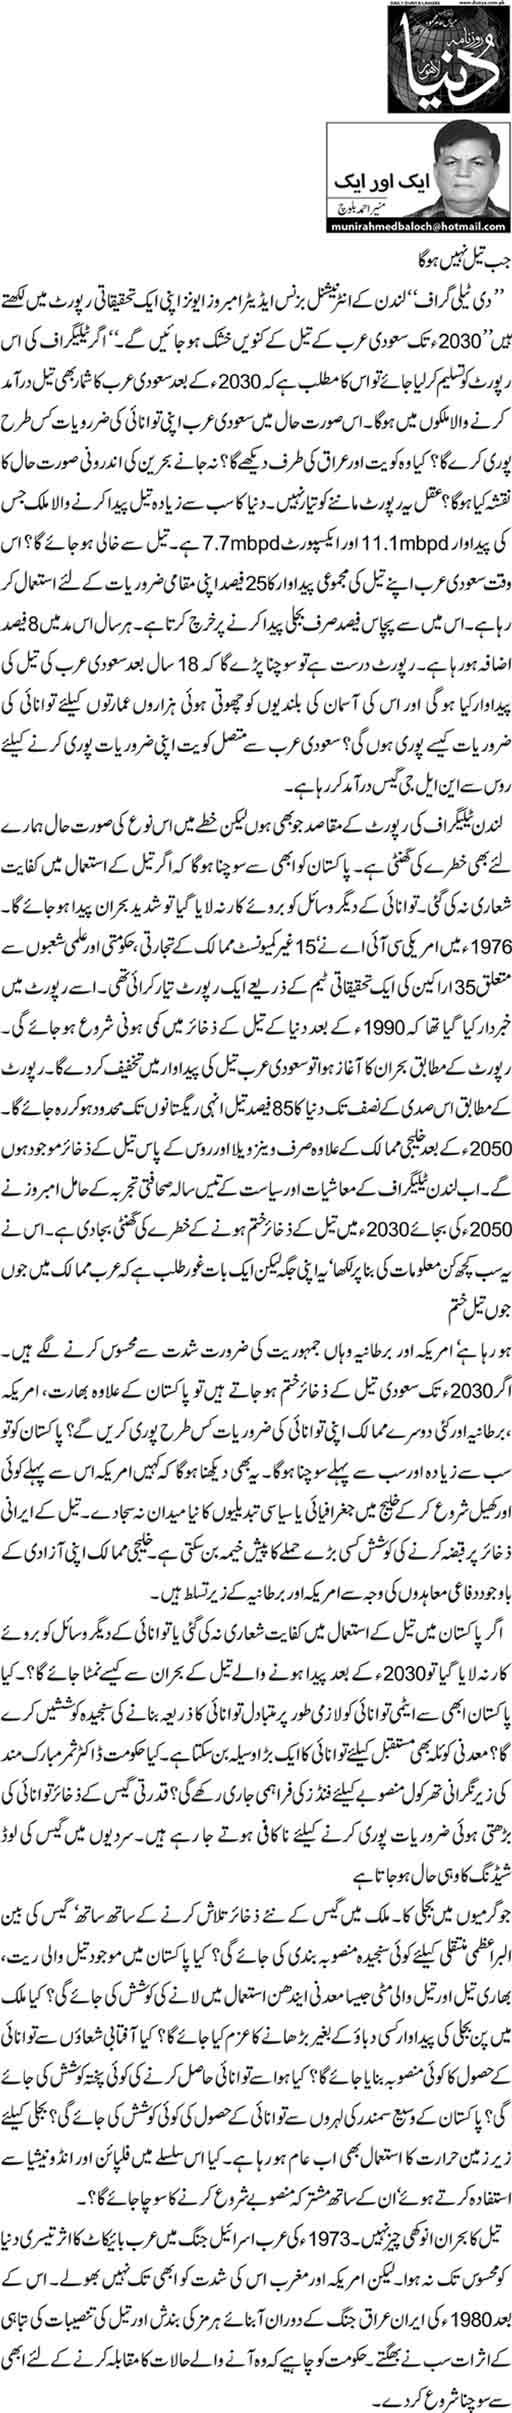 Jub tail nahi ho ga - Munir Ahmed Baloch